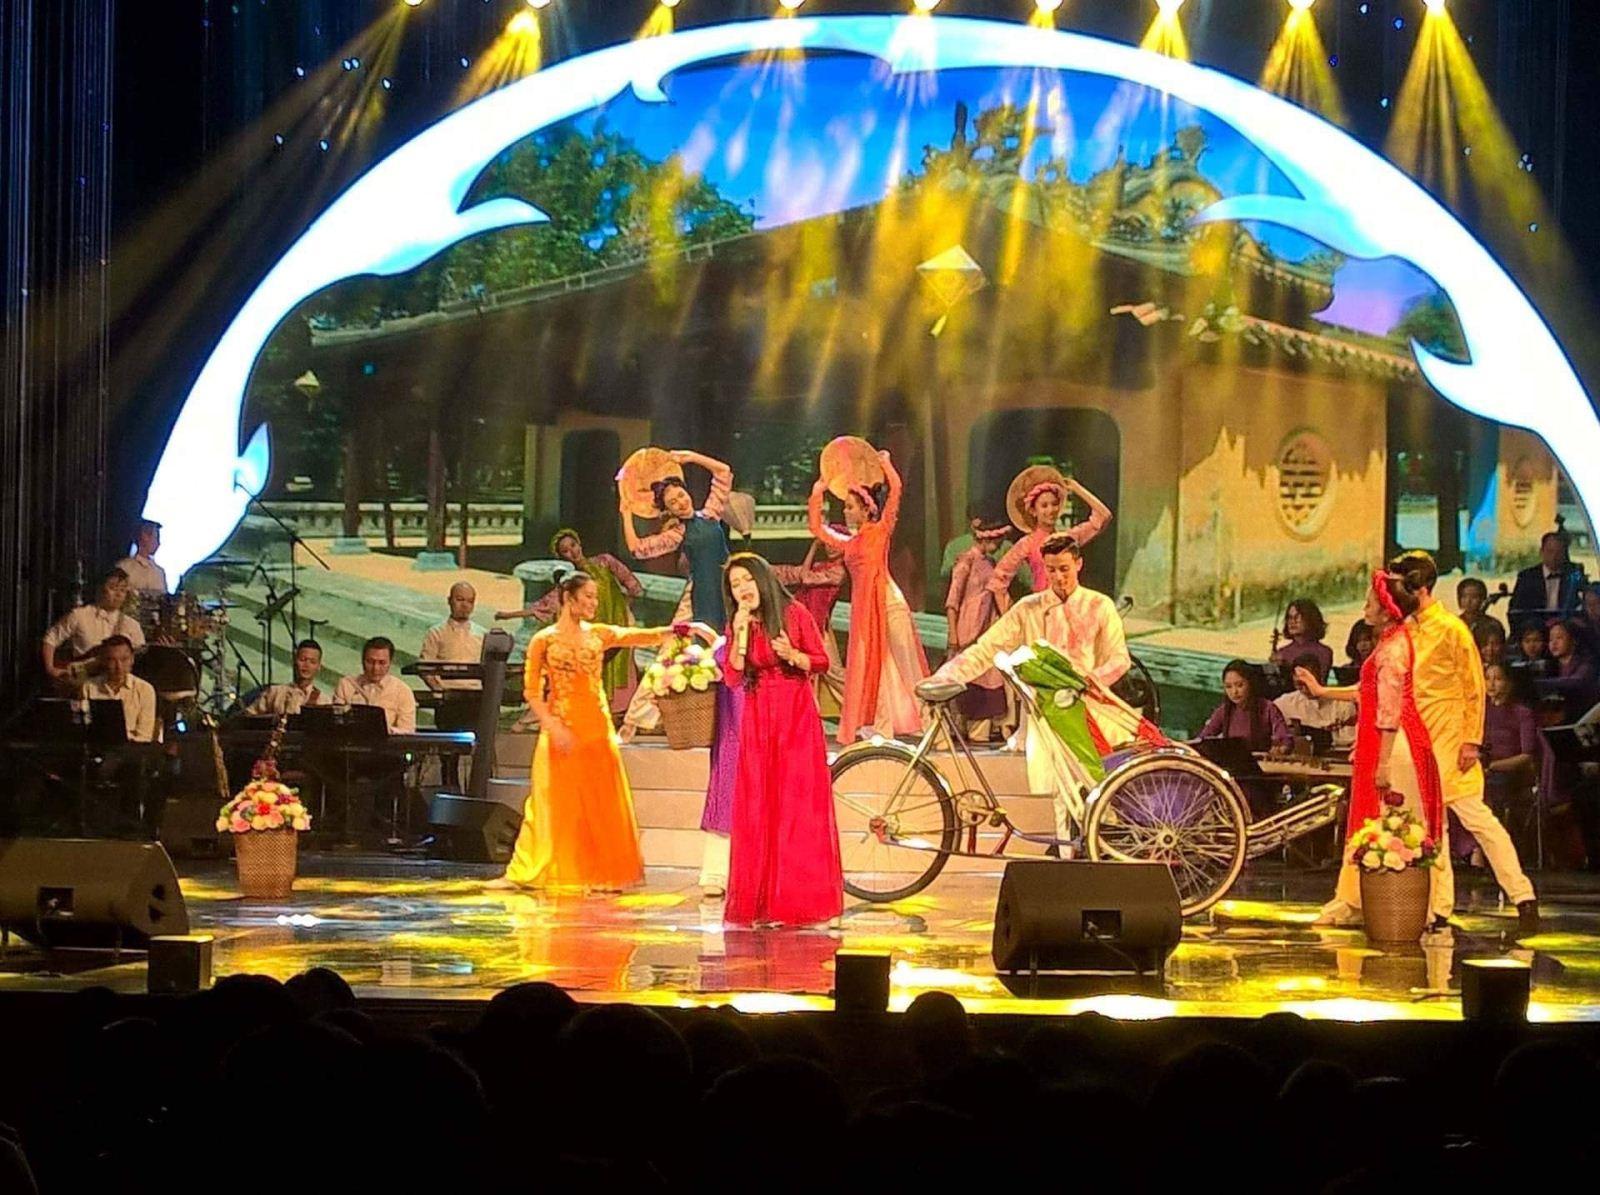 Nhiều nhà hát hưởng ứng chương trình biểu diễn nghệ thuật chất lượng cao